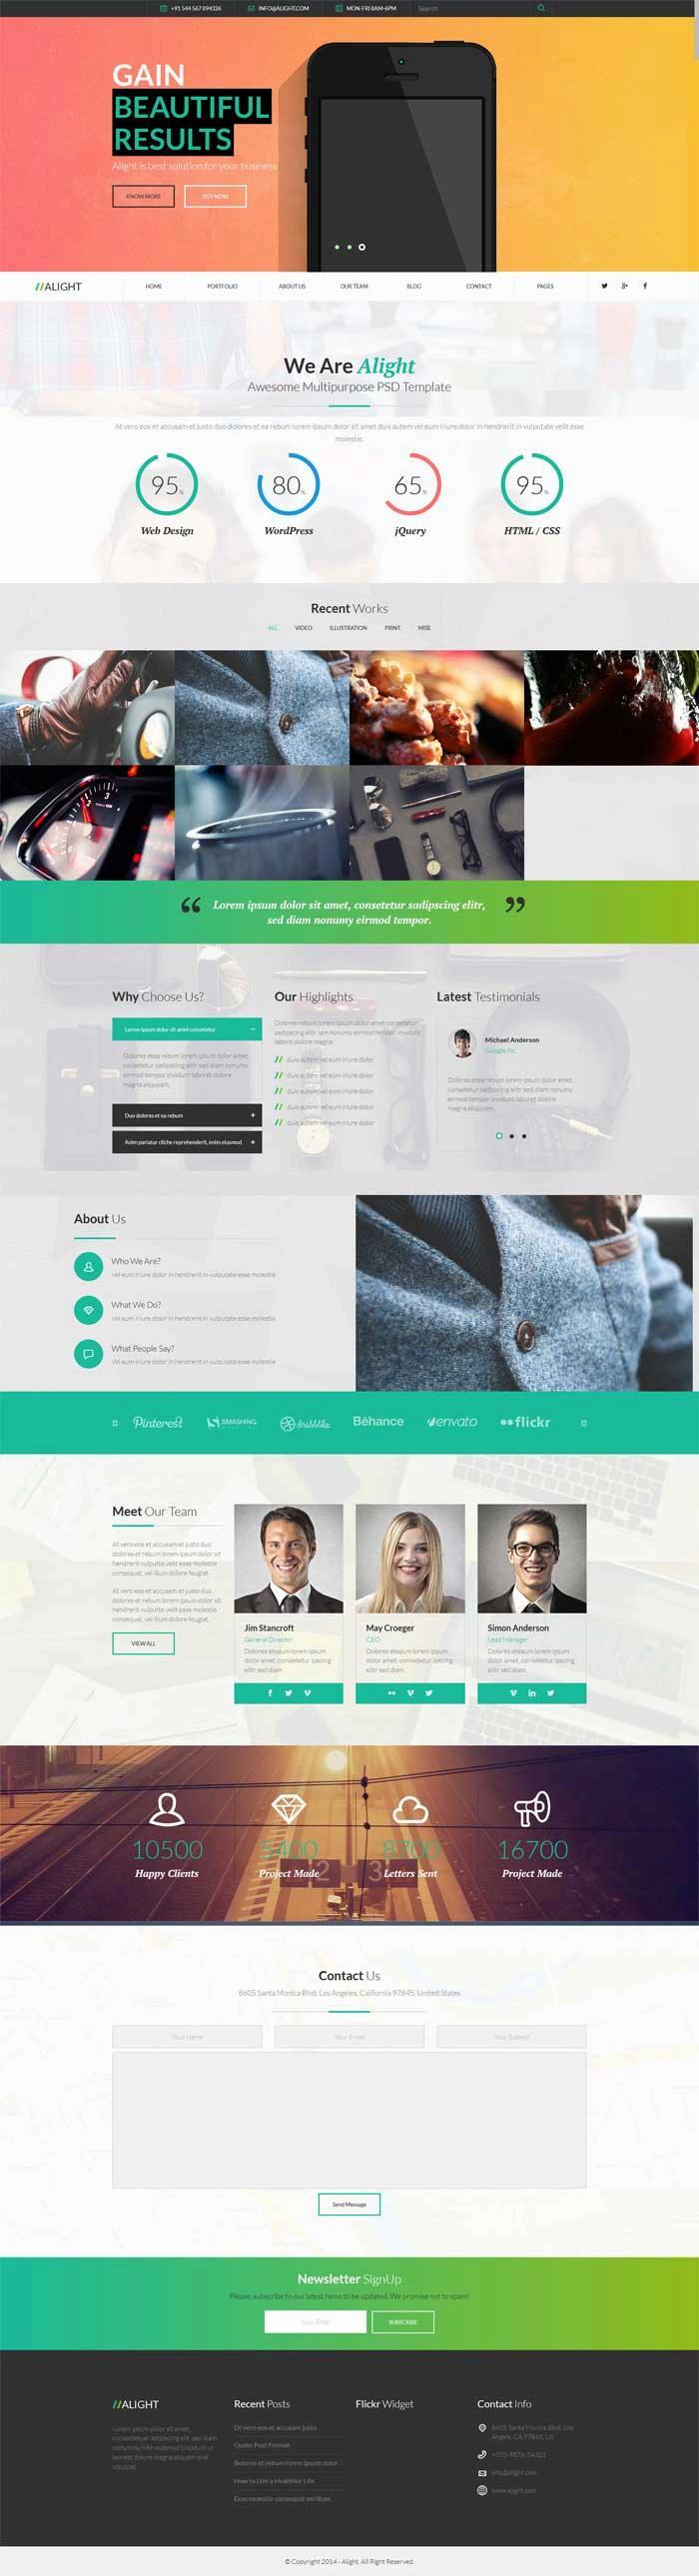 绿色宽屏app网络科技公司网页模板